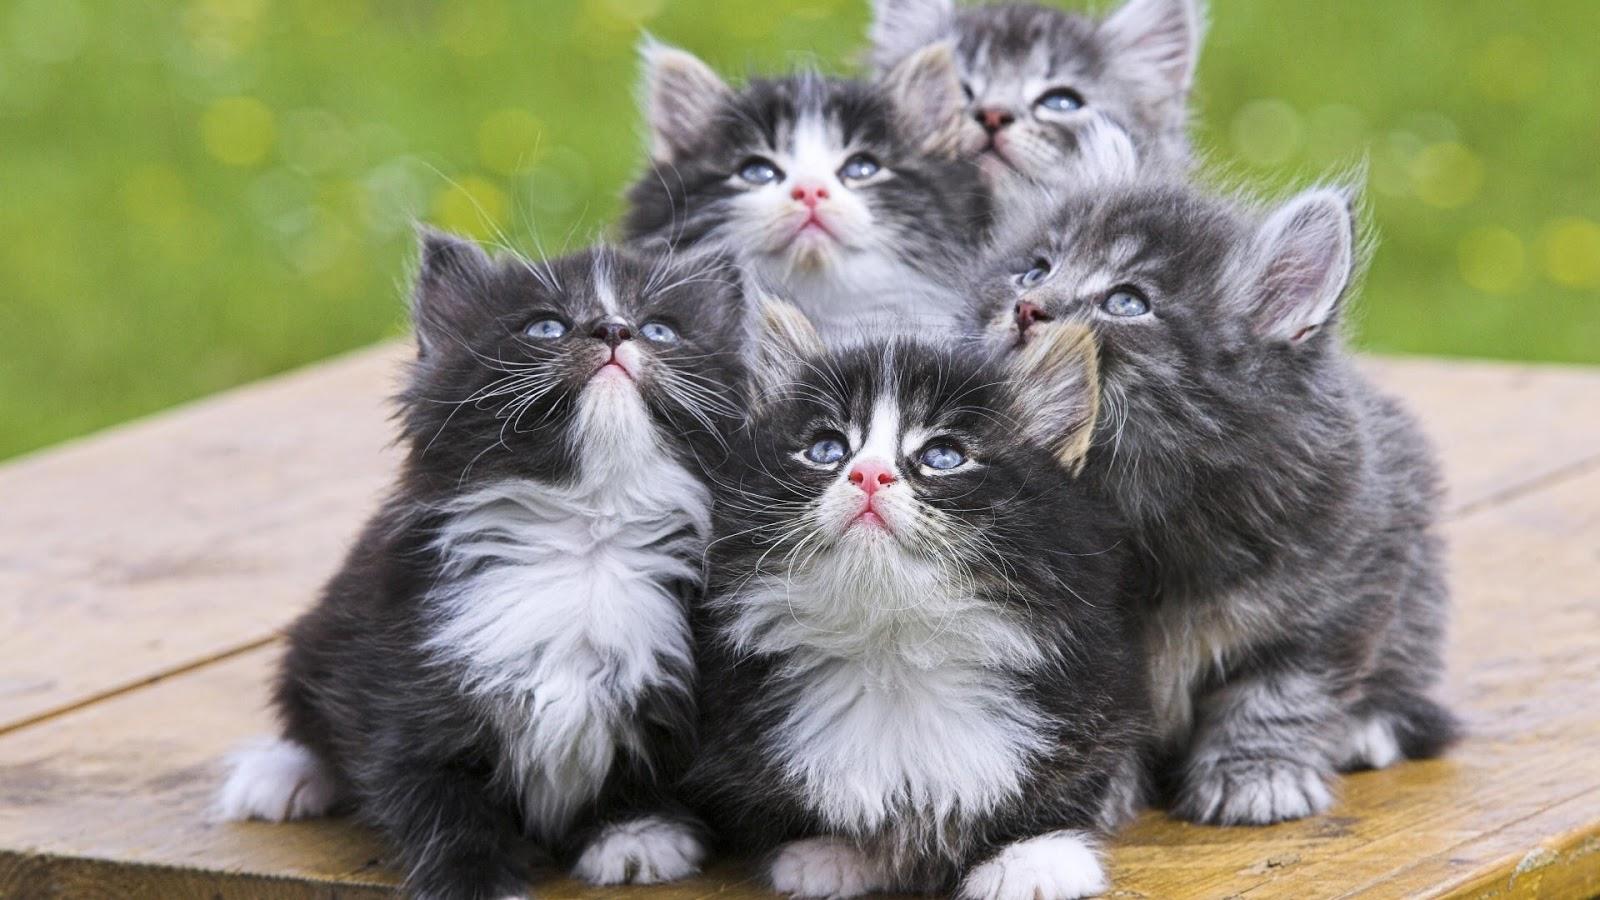 صوره اجمل صور قطط , خلفيات هره كيووووووت